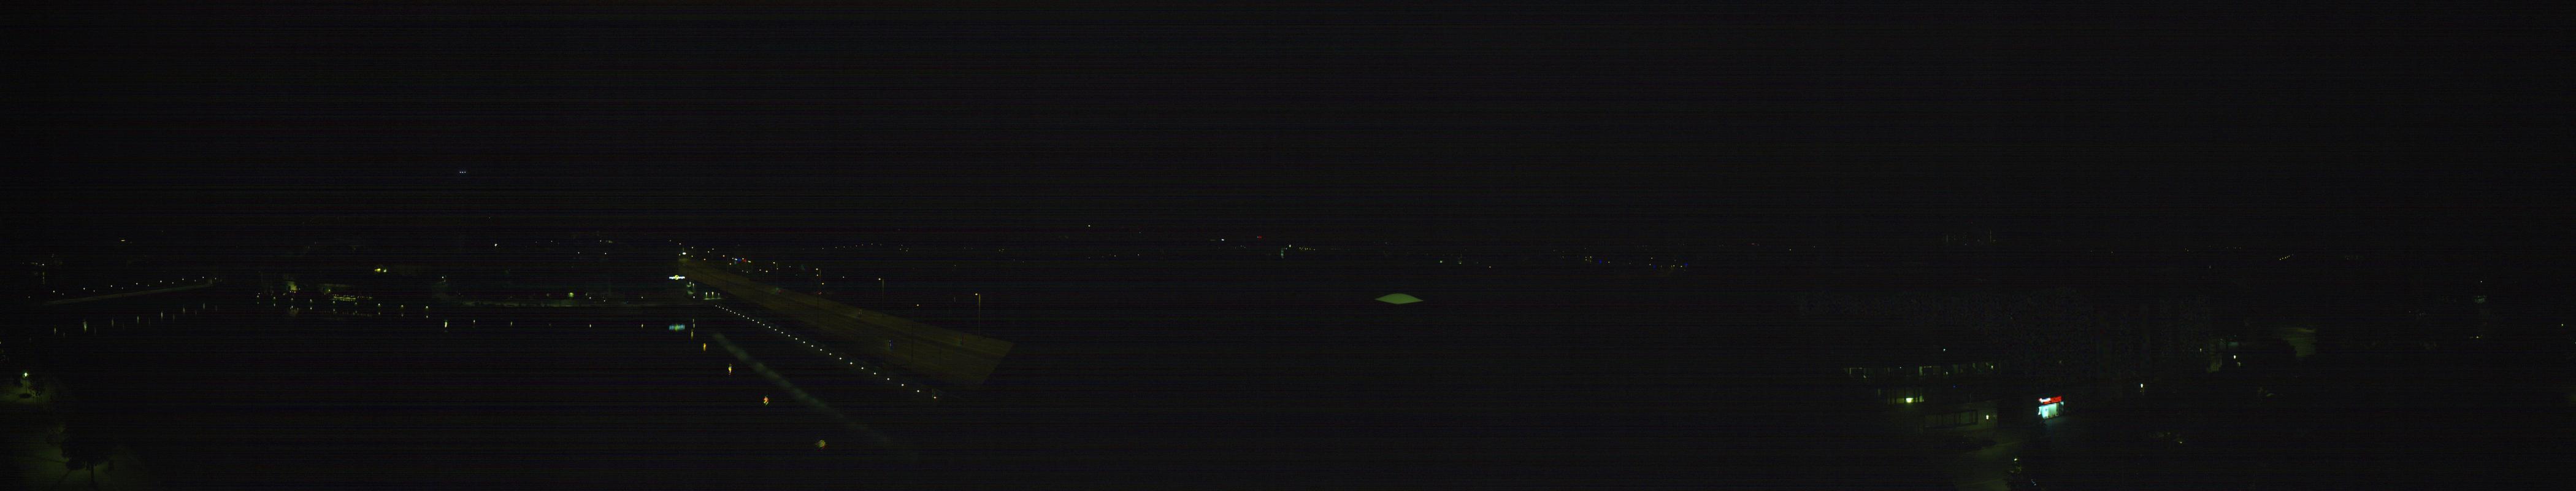 37h ago - 01:26